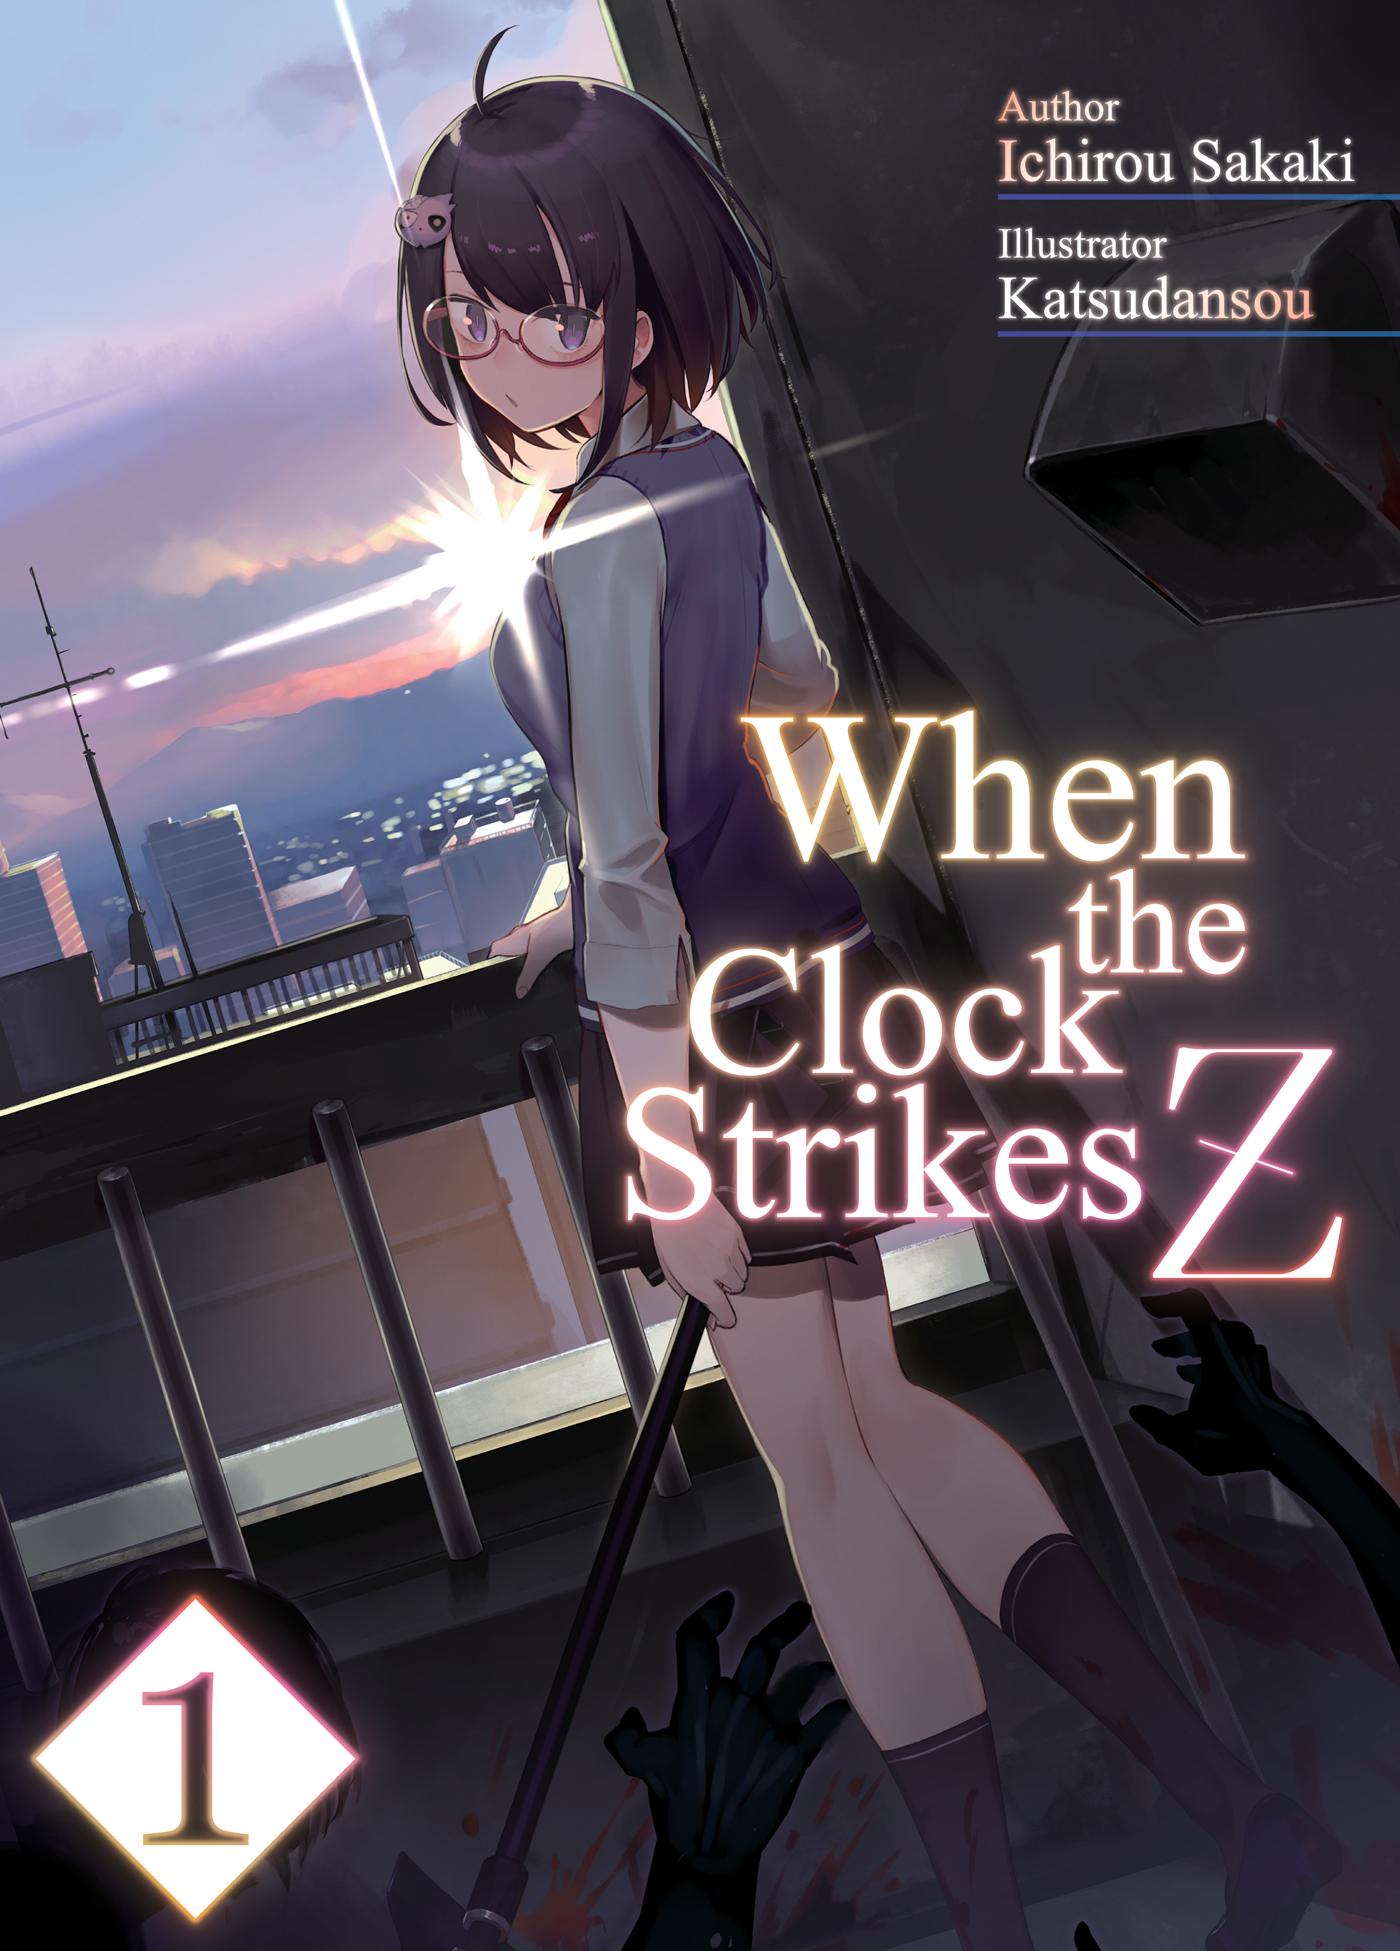 Cover des 1. Bandes von When the Clock Strikes Z